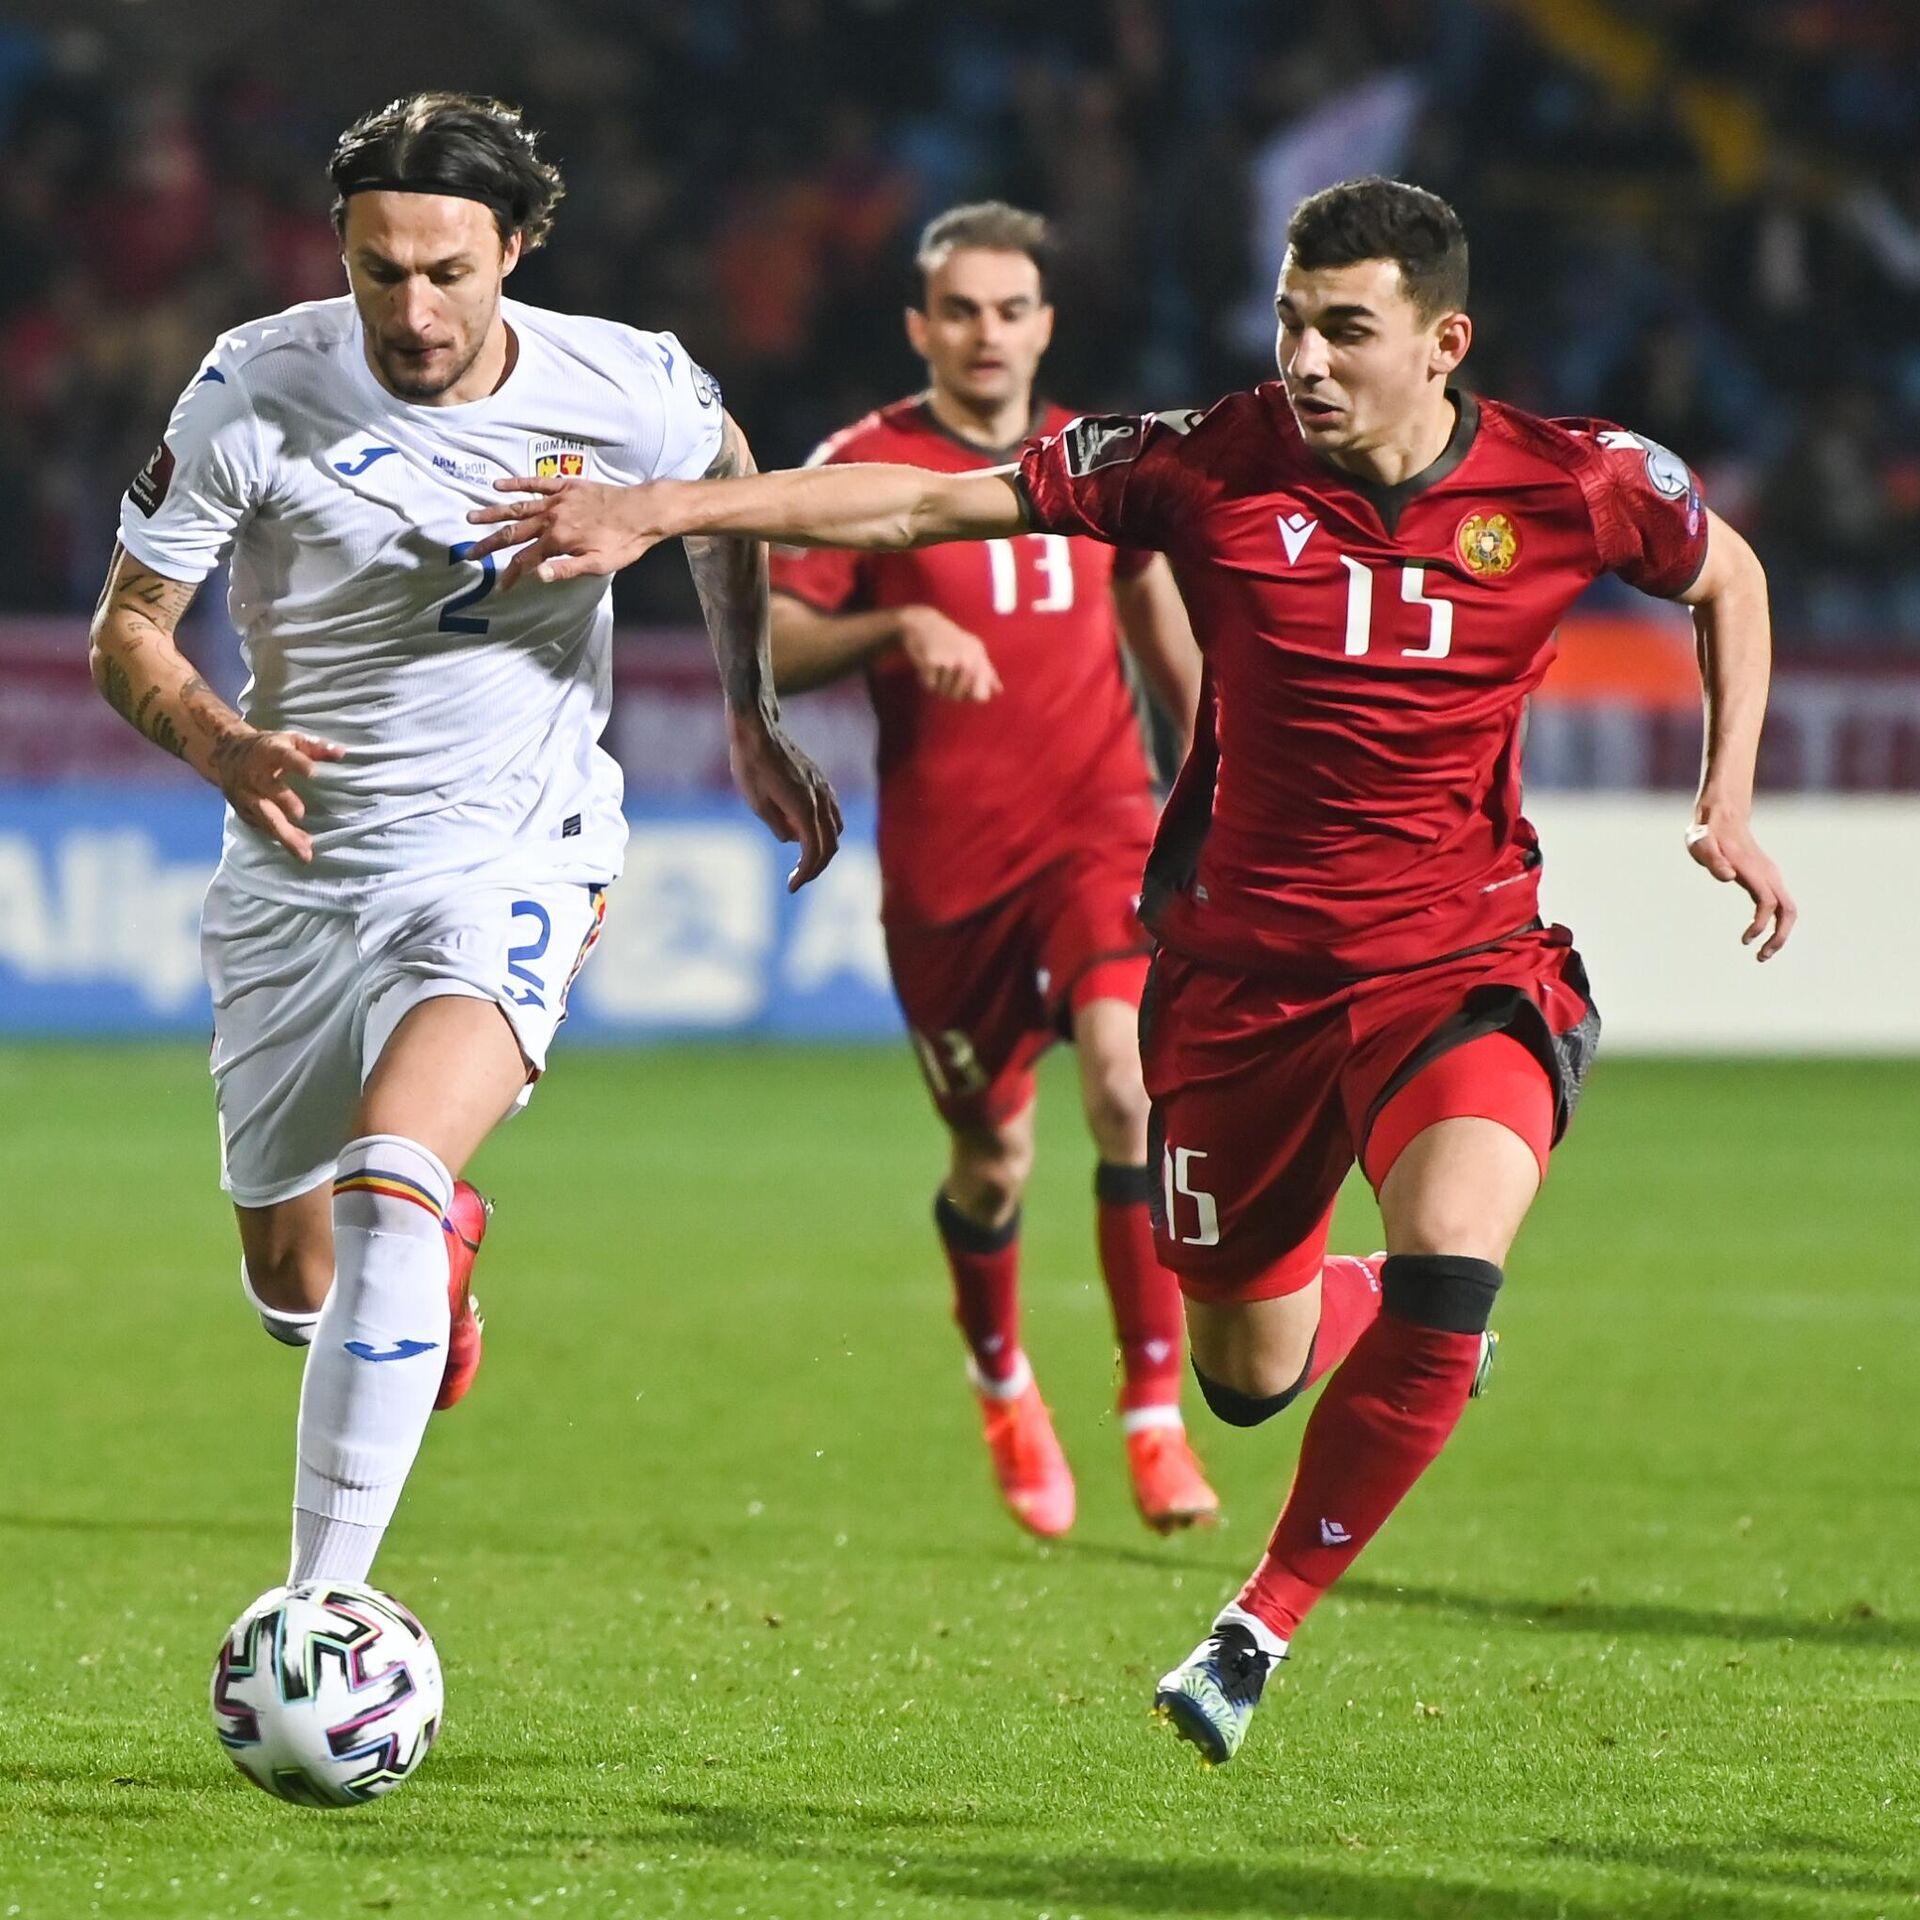 Тренер сборной Армении отметил успешный дебют Сперцяна в матче с румынами -  Спорт РИА Новости, 31.03.2021